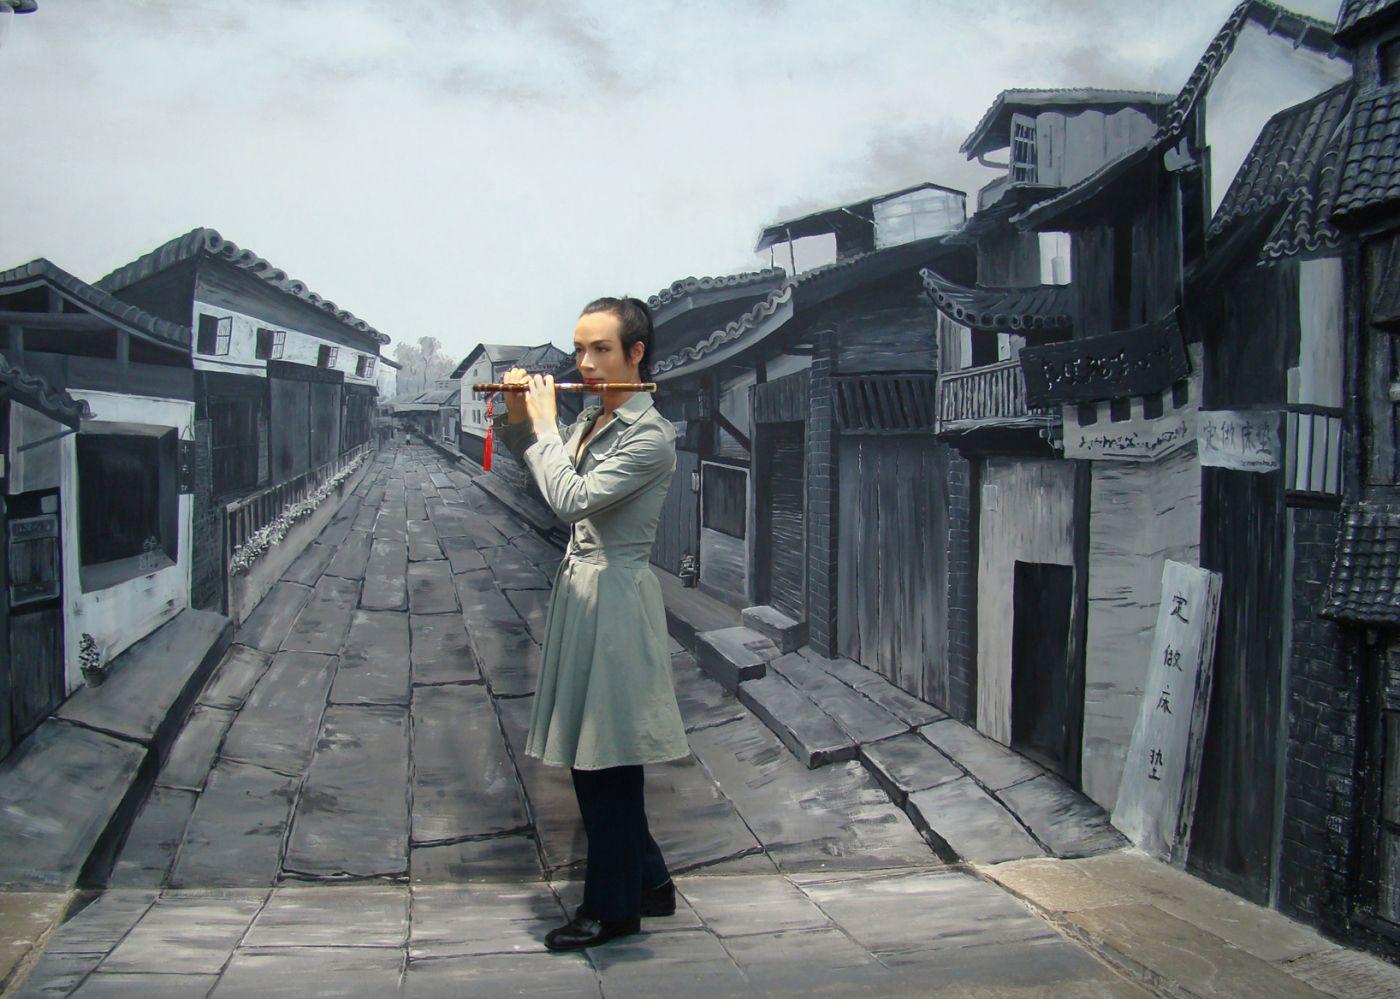 黄桷垭老街_图1-8